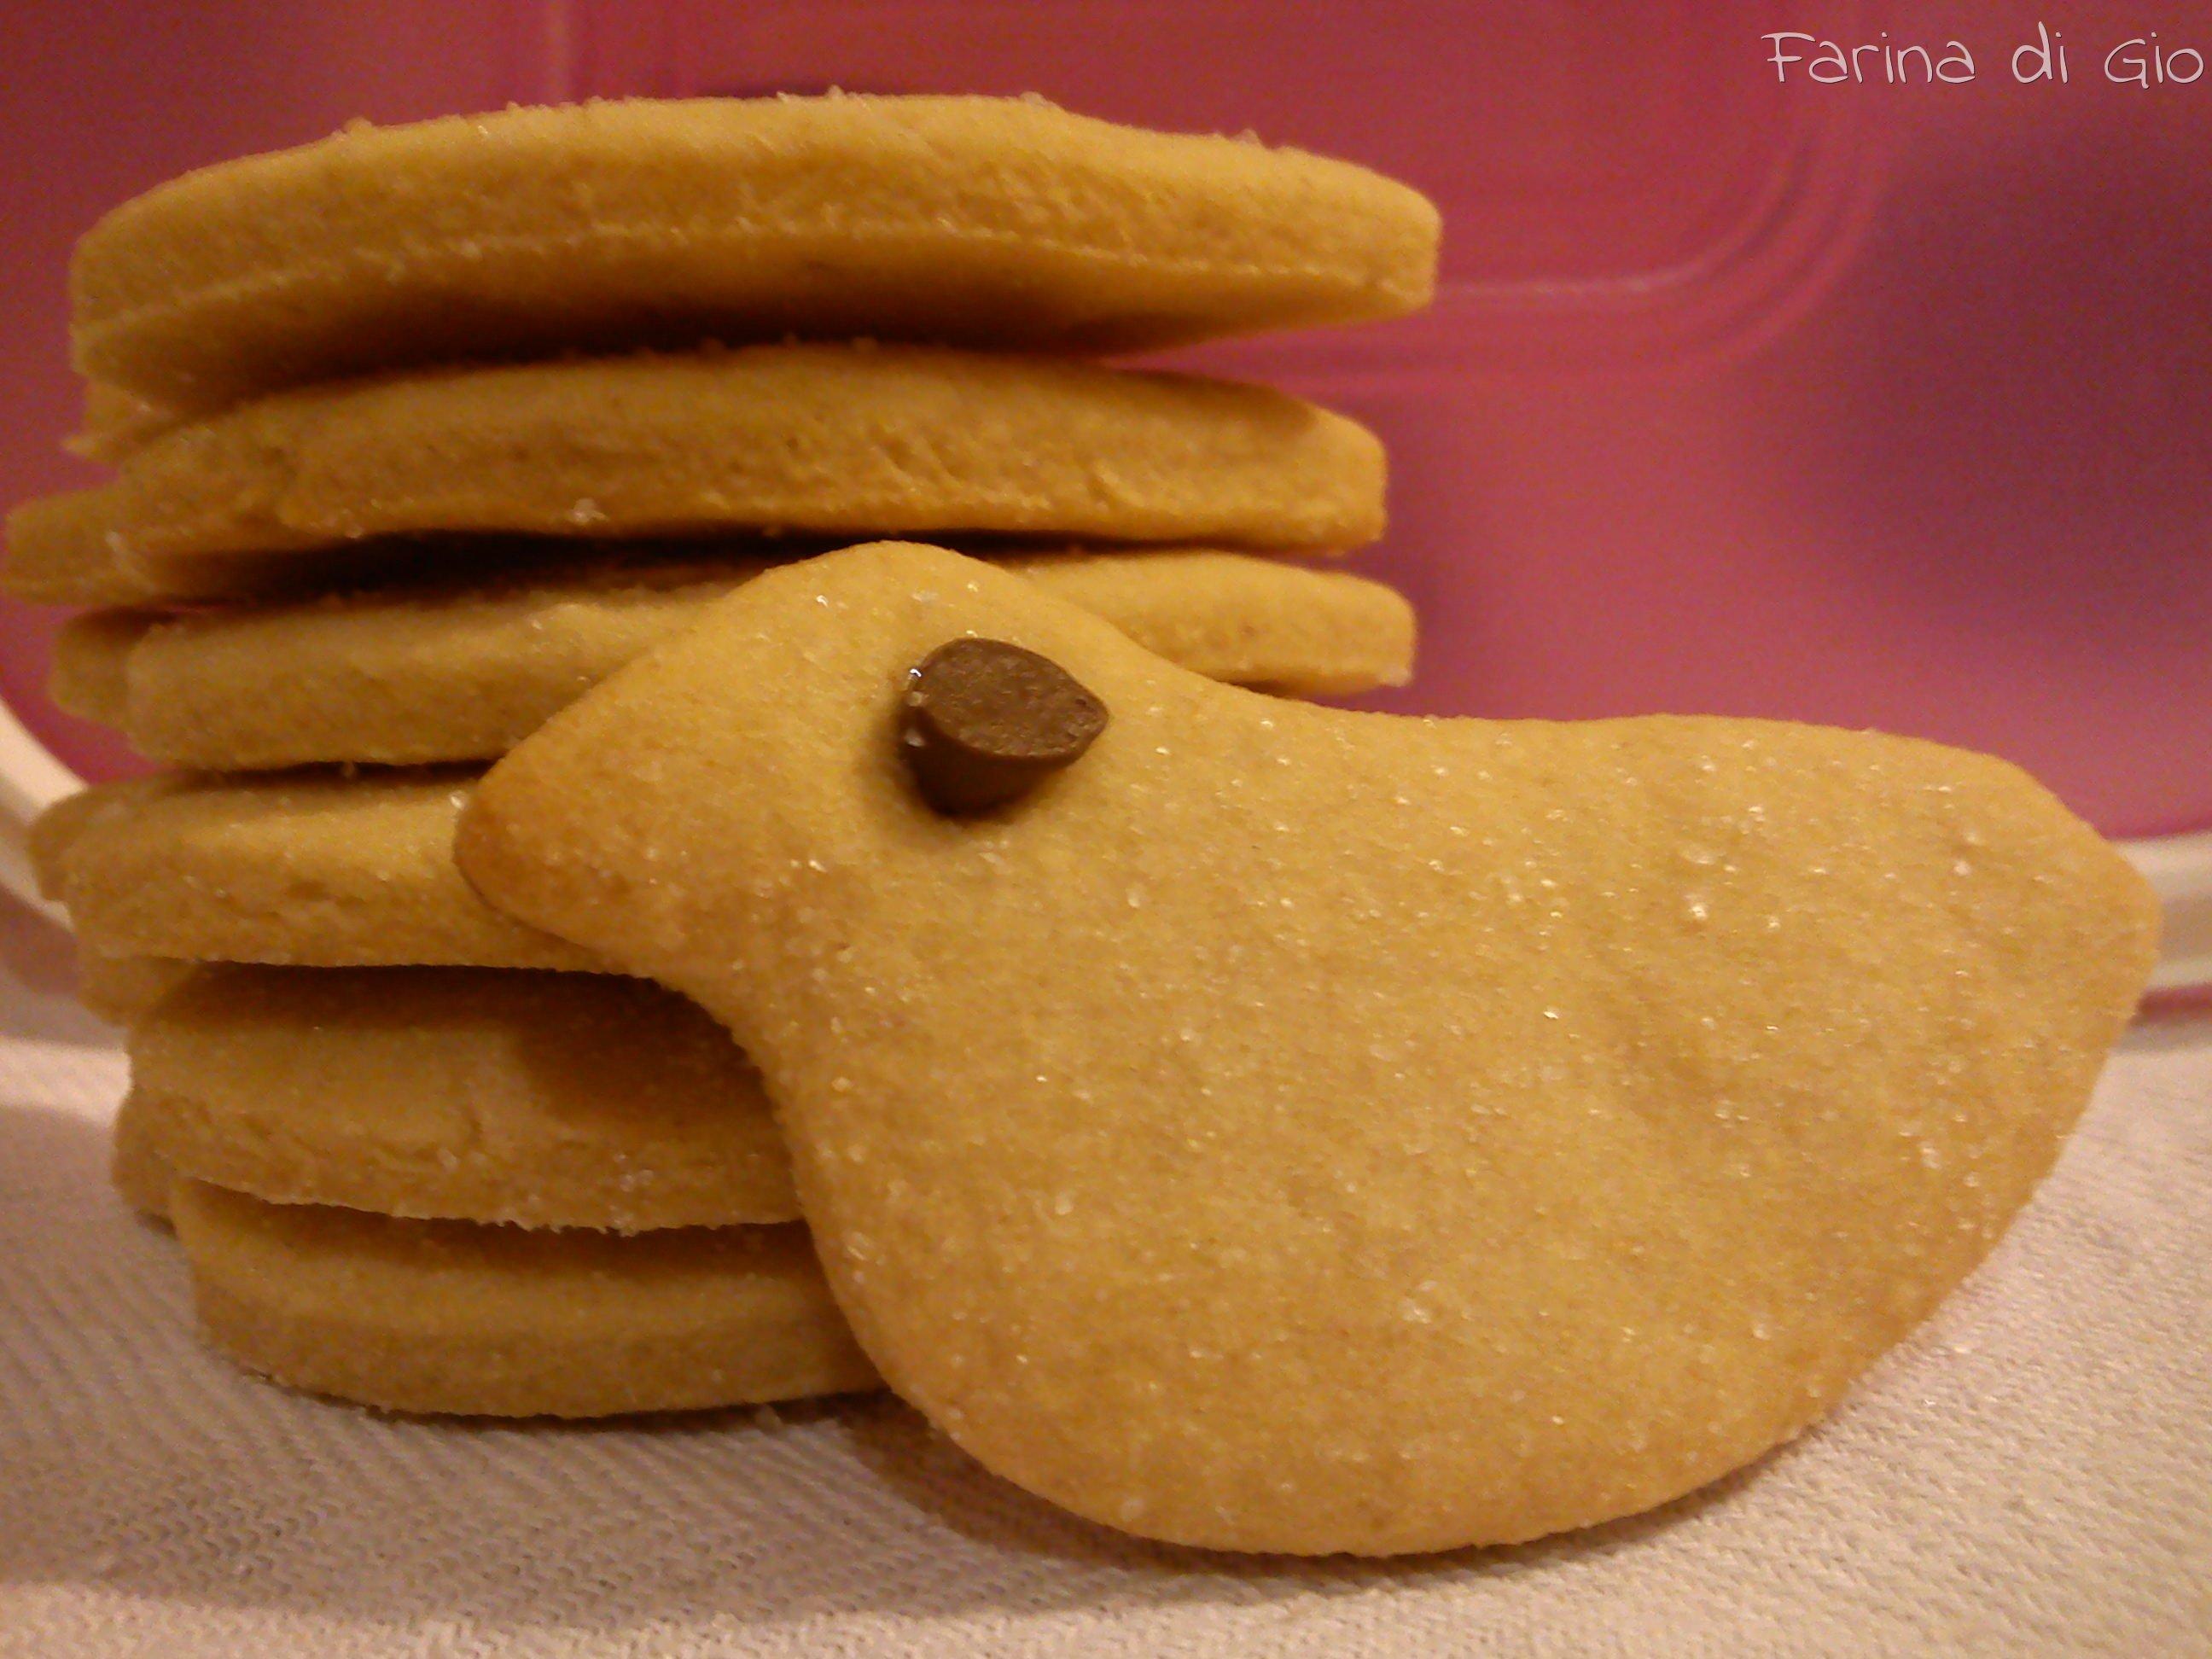 Biscotti al malto